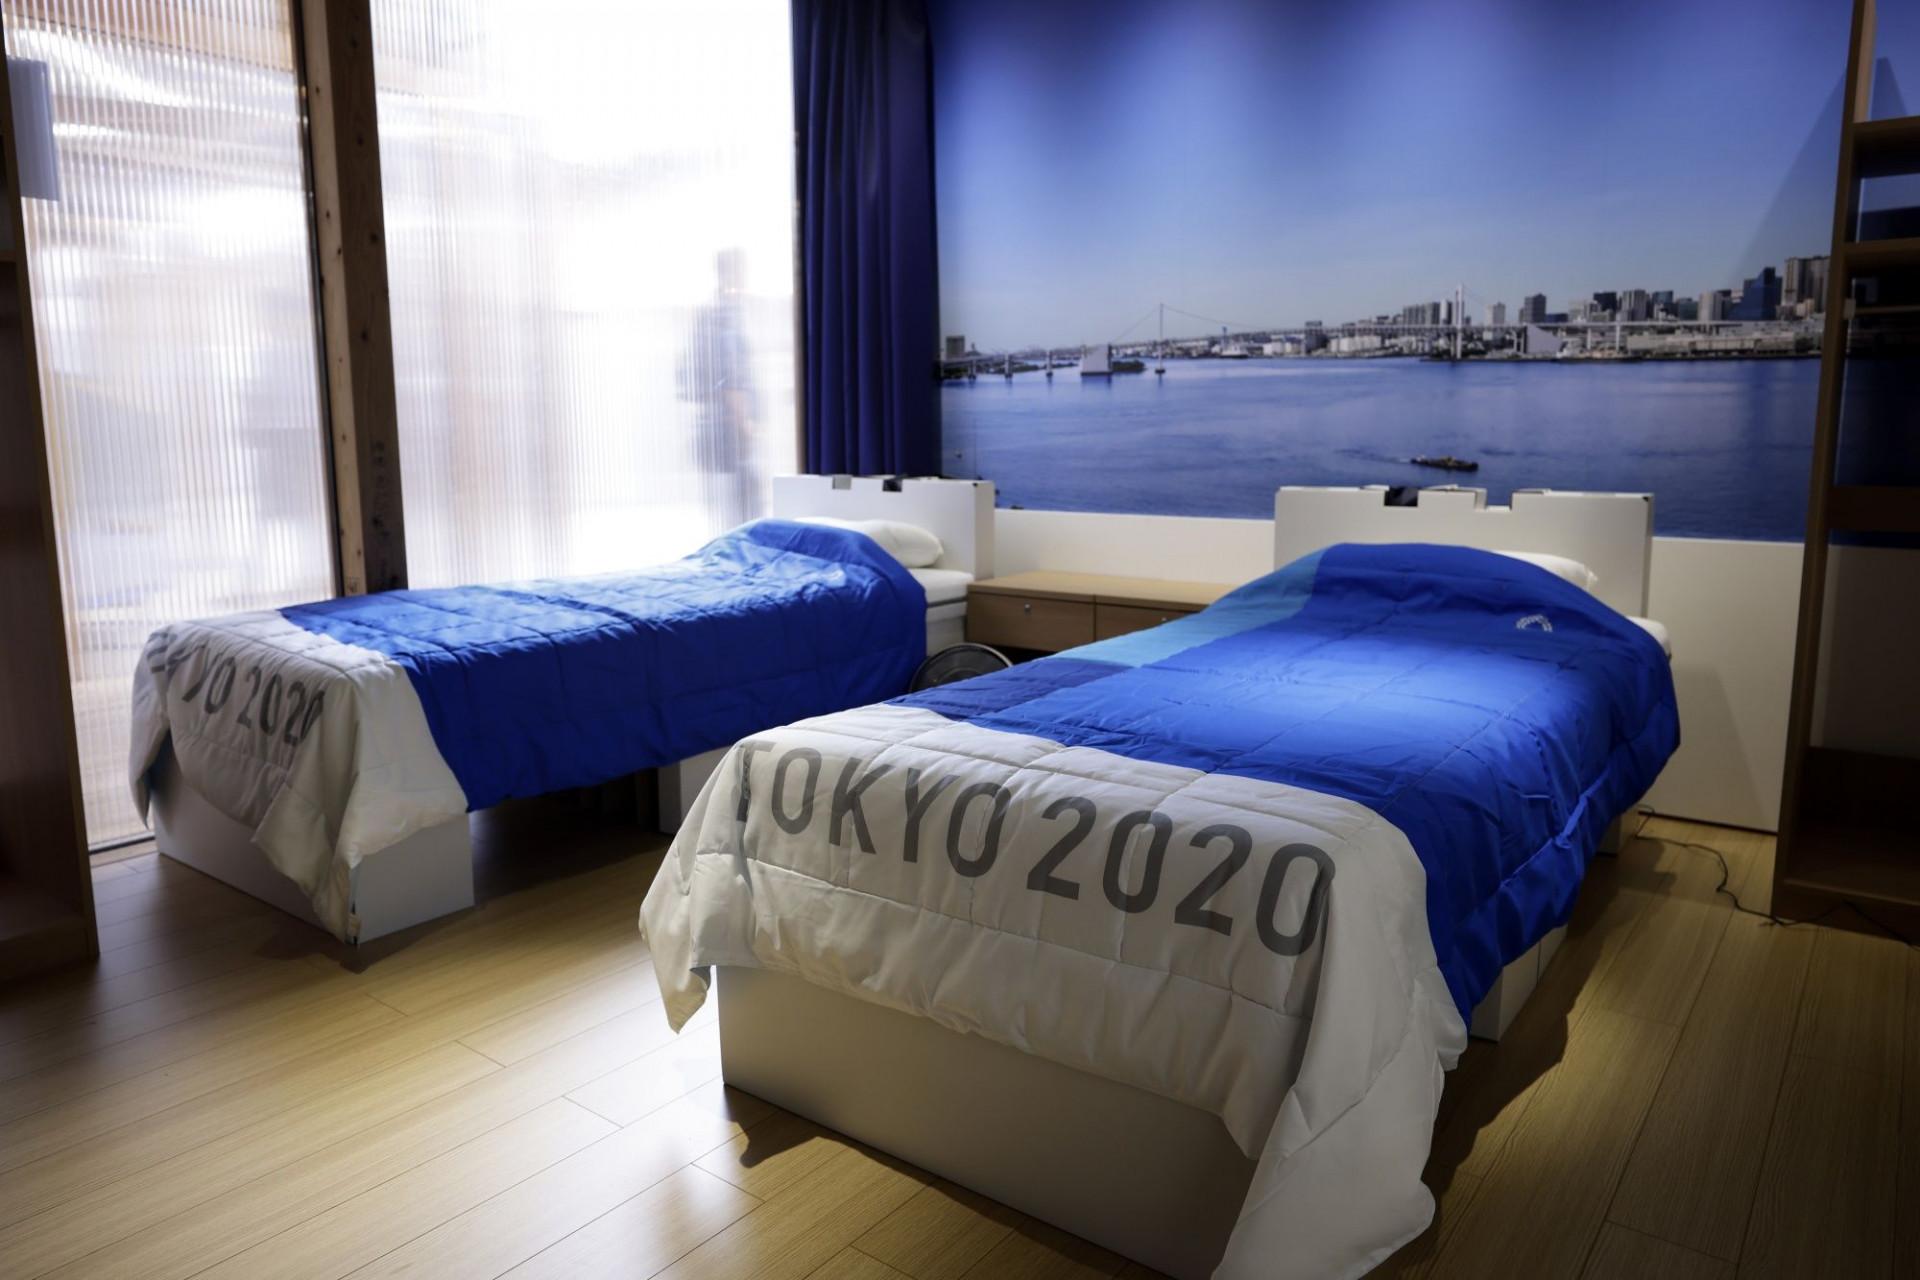 Казахстанцы показали, как выглядит Олимпийская деревня в Токио 9